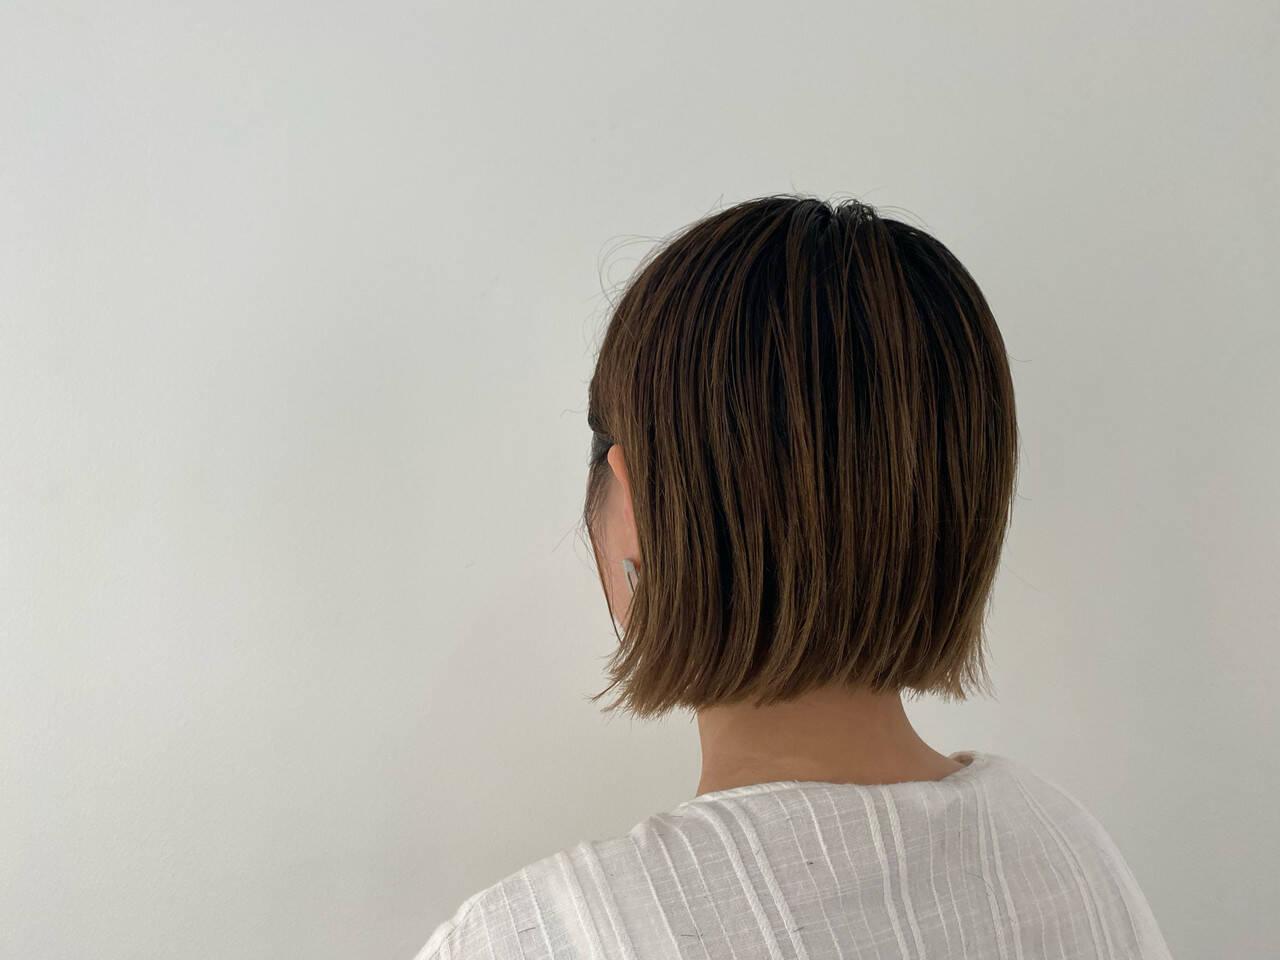 切りっぱなしボブ ミニボブ ショートヘア ショートボブヘアスタイルや髪型の写真・画像